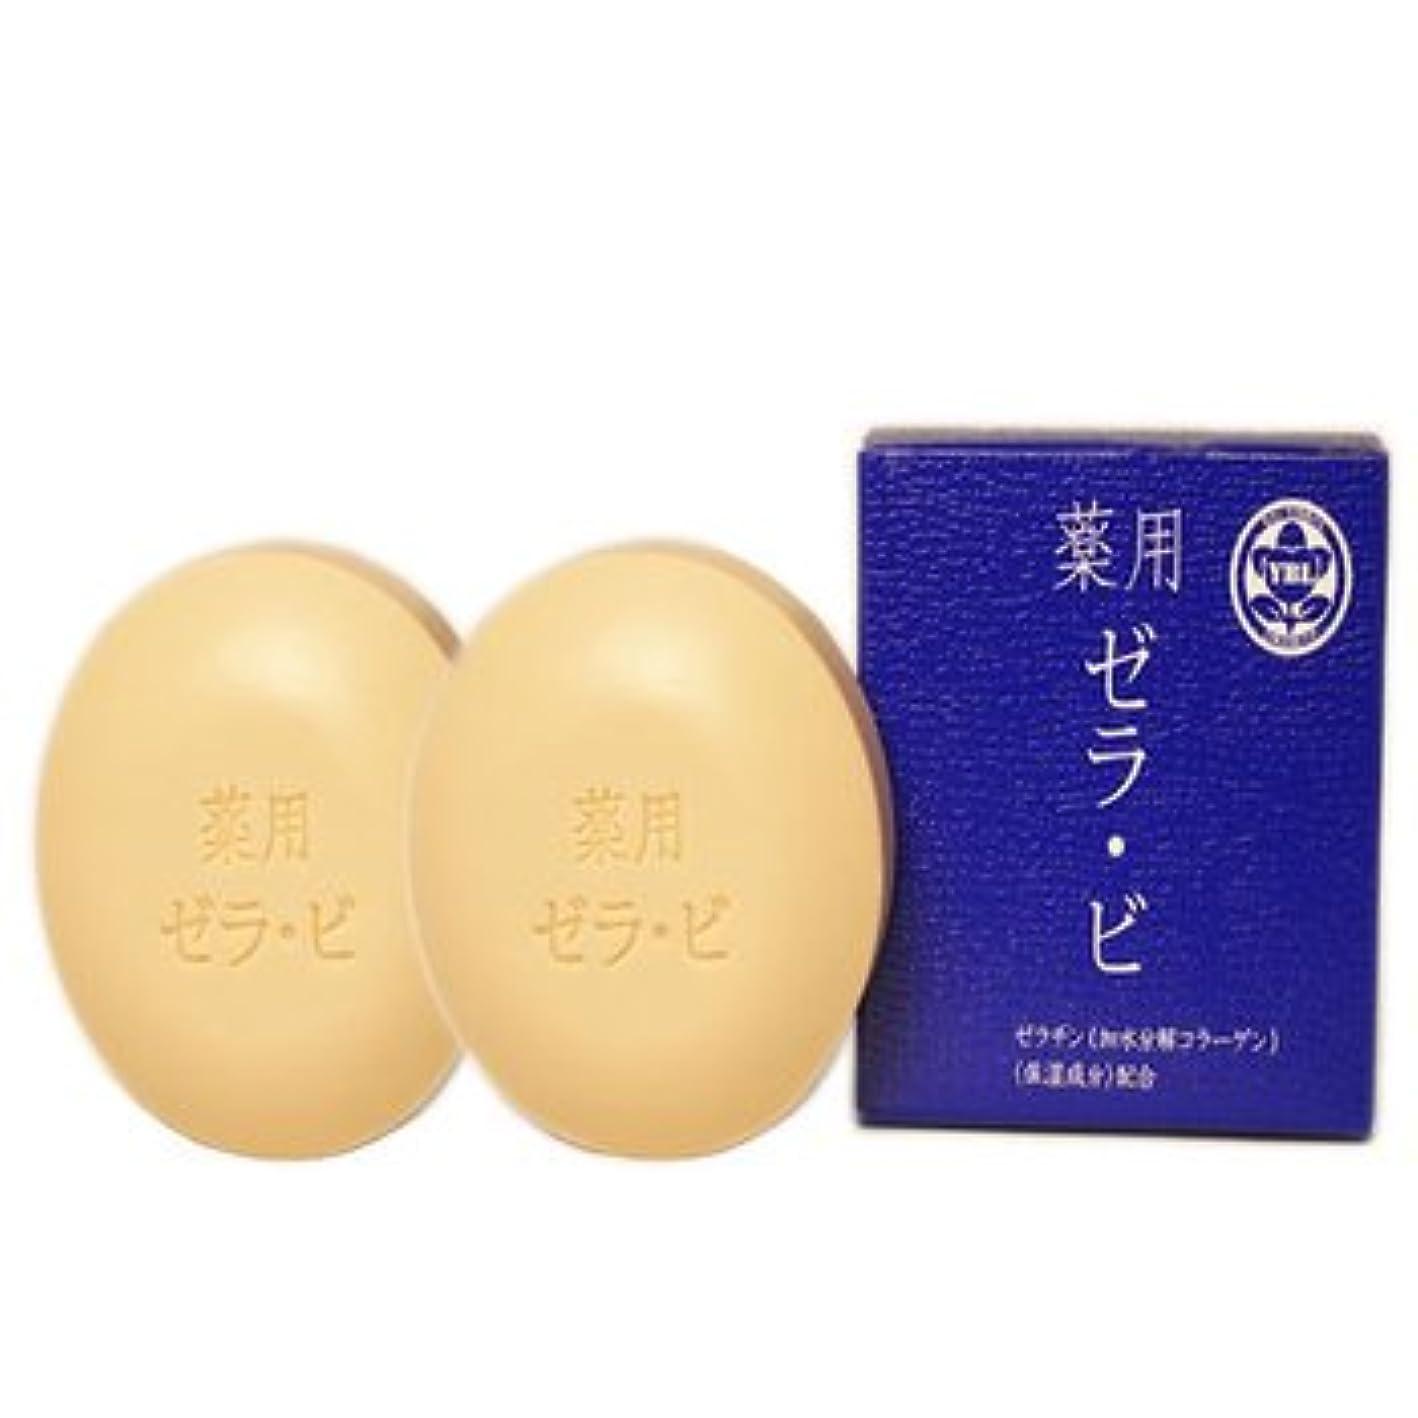 意外枯渇キャメル薬用ゼラビ90g×2個セット【医薬部外品】